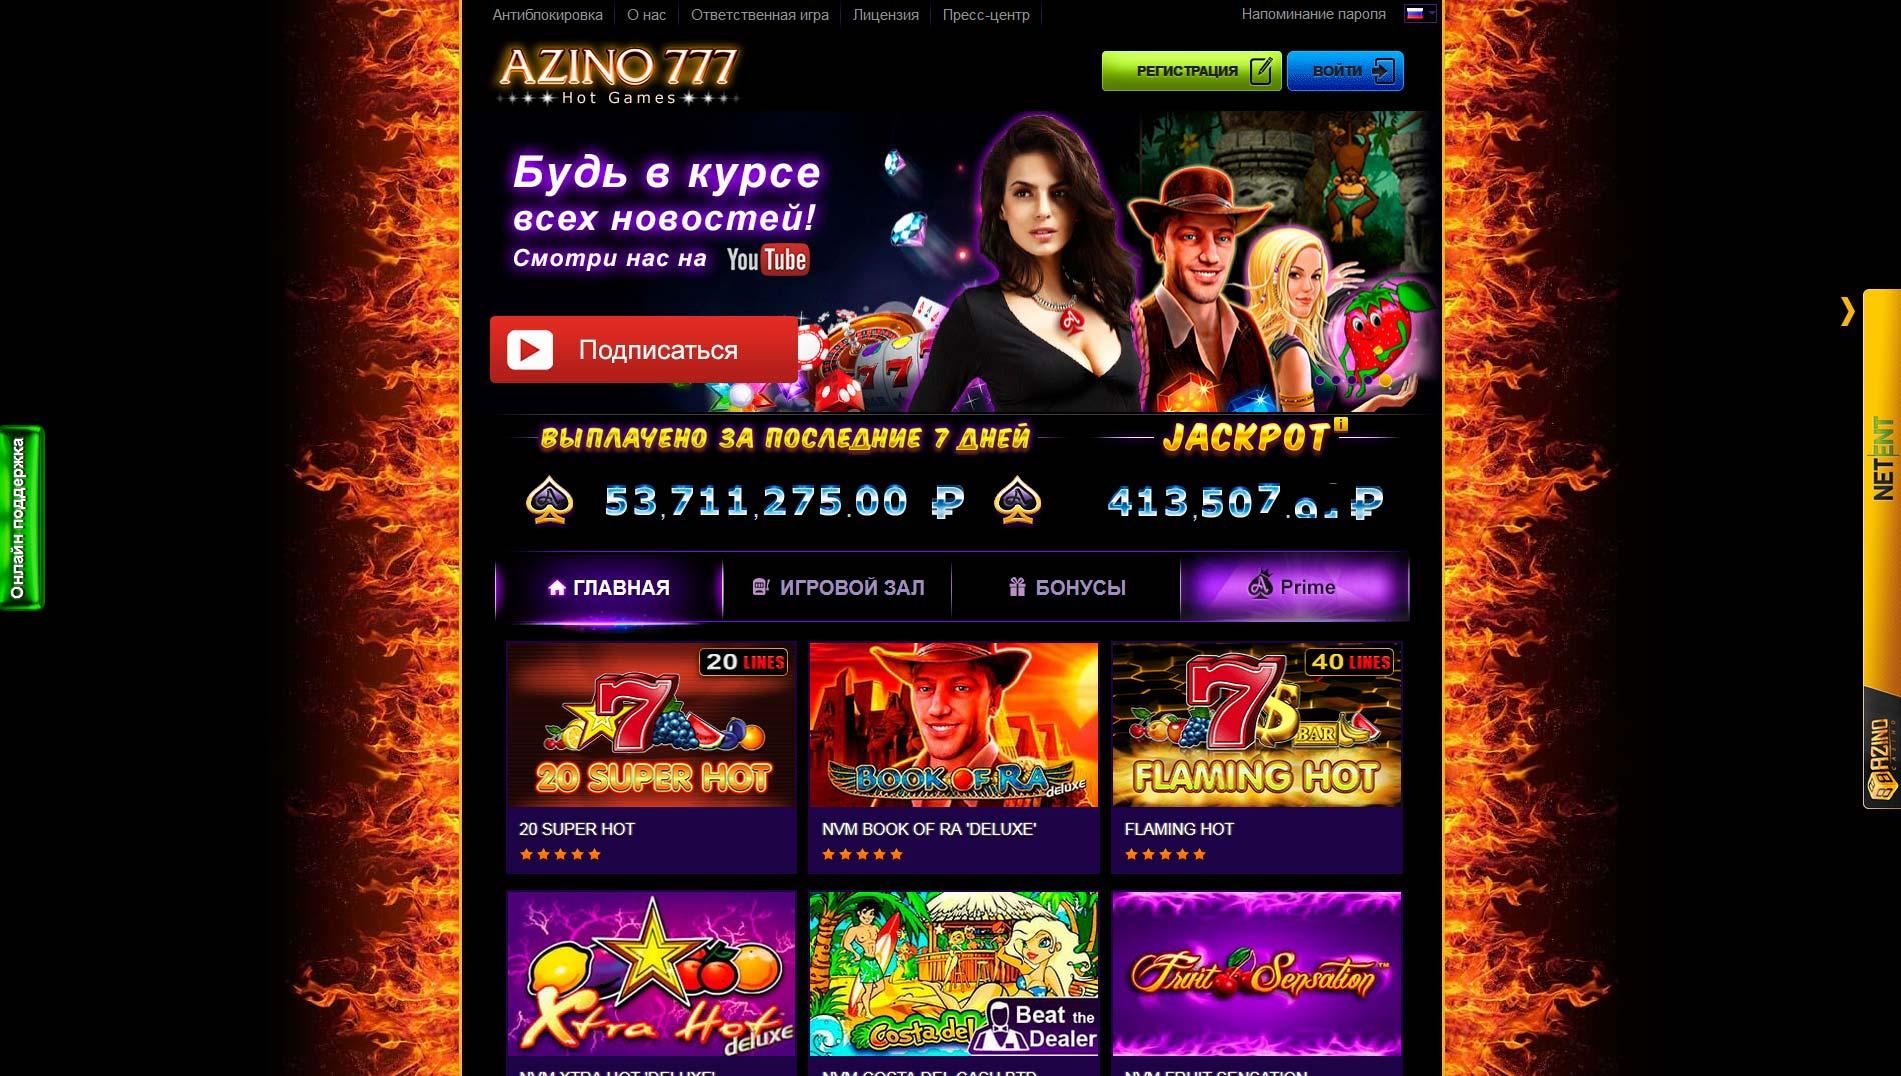 официальный сайт азино777 официальный сайт kazino kazino net